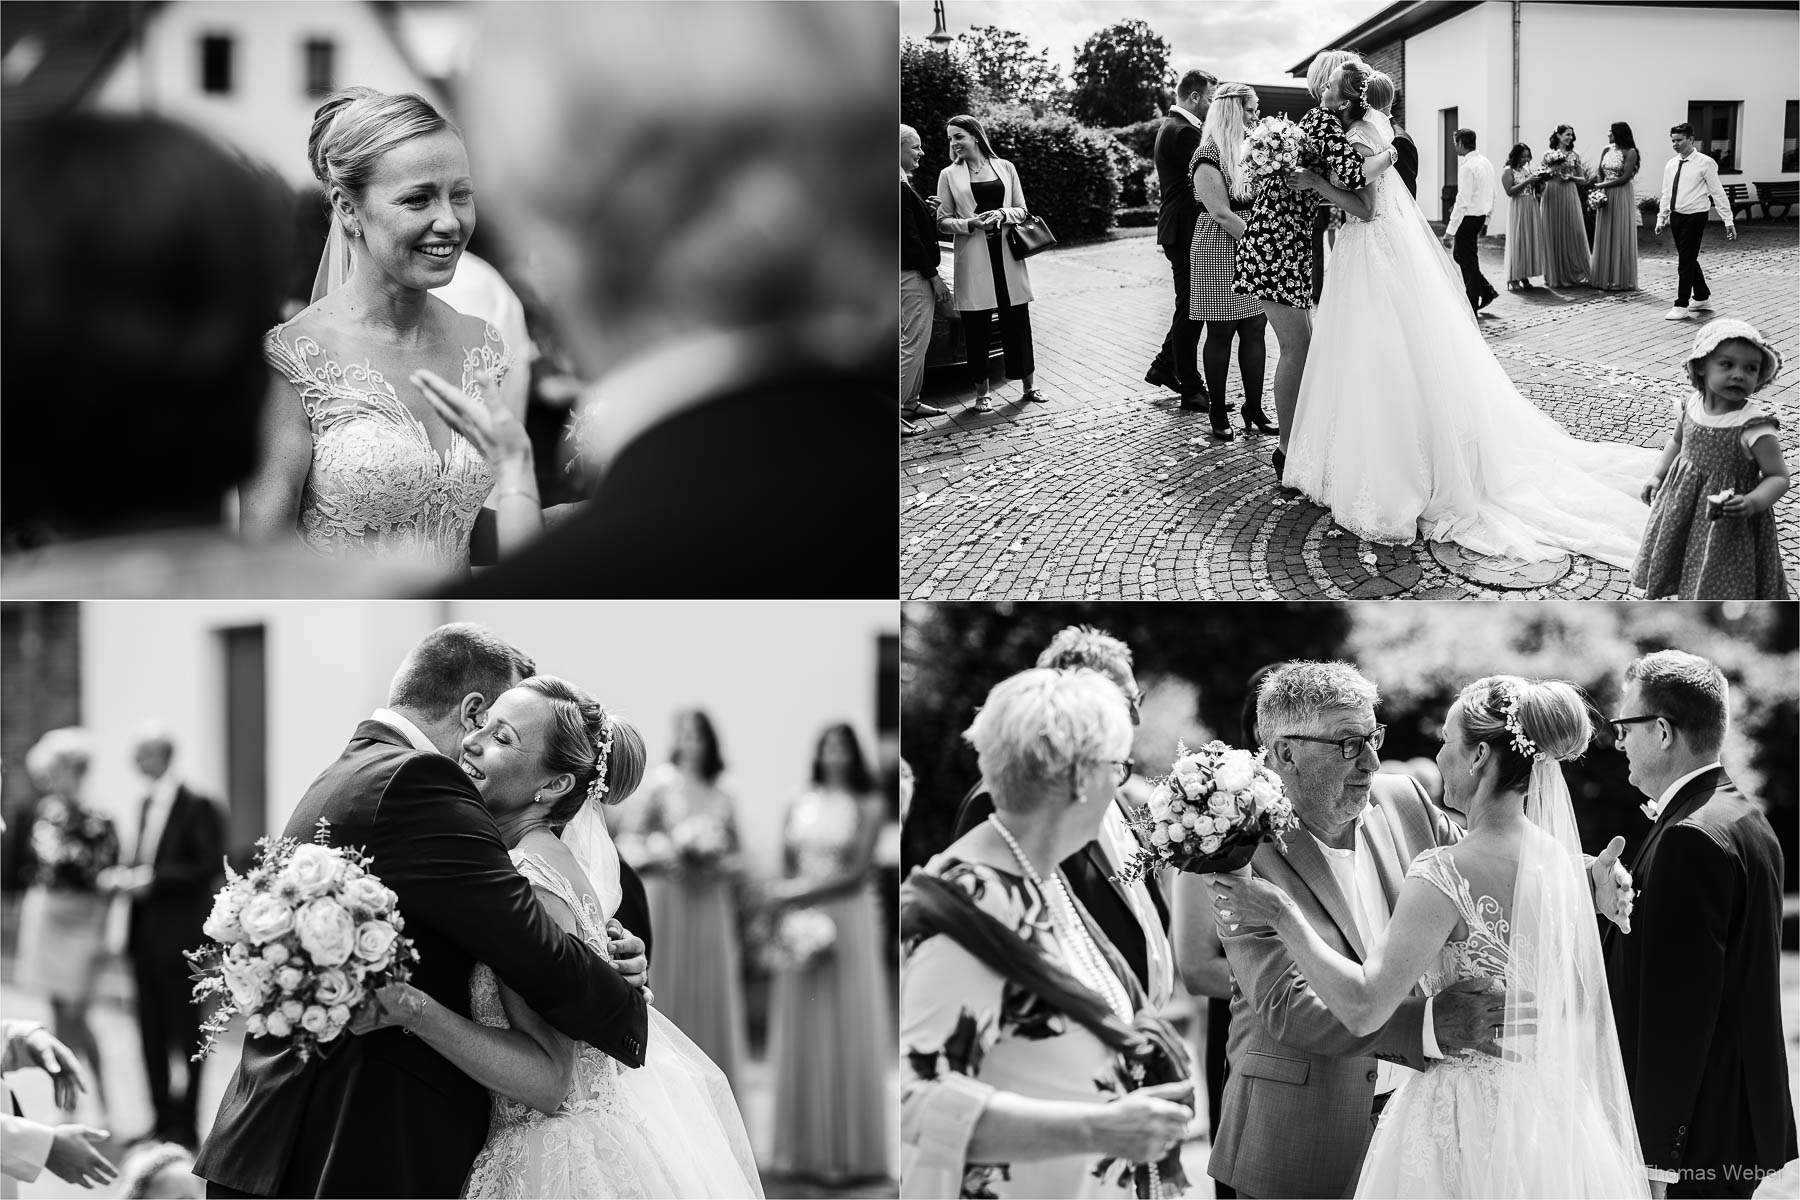 Kirchliche Hochzeit und Hochzeitsfeier, Hochzeitsfotograf Ostfriesland, Thomas Weber